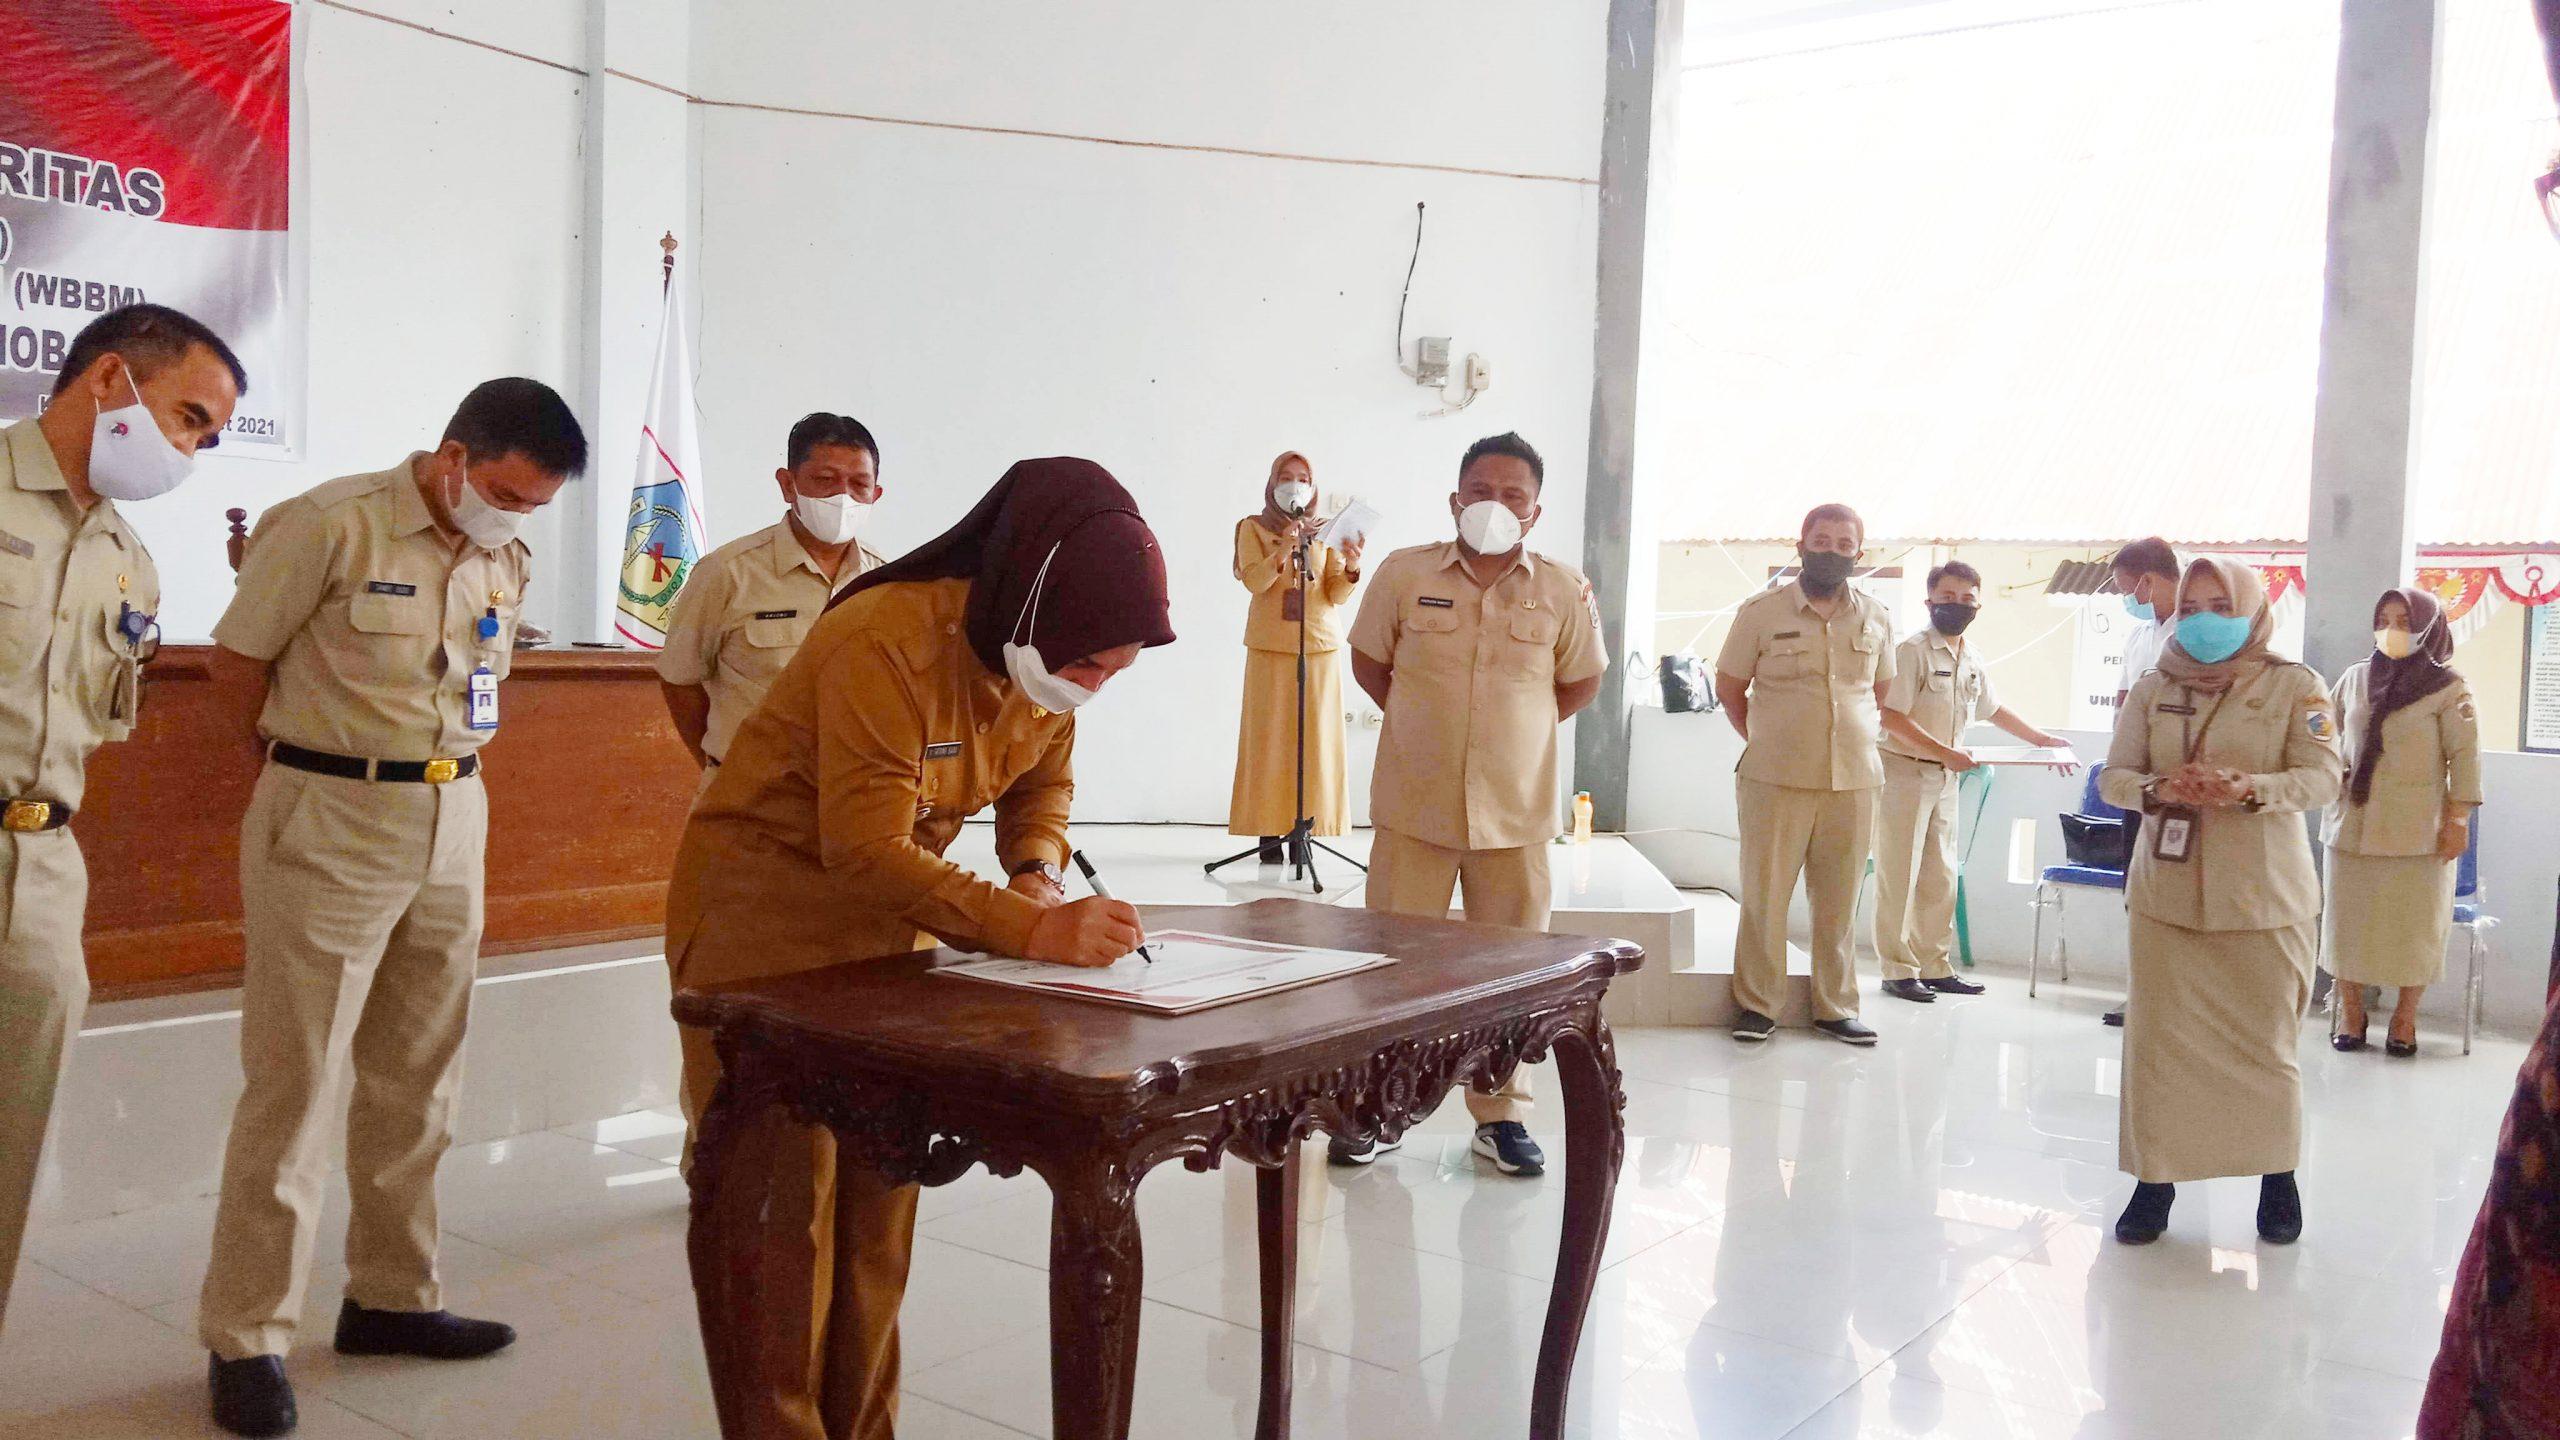 Walikota Tatong menandatangani piagam WBK dan WBBM